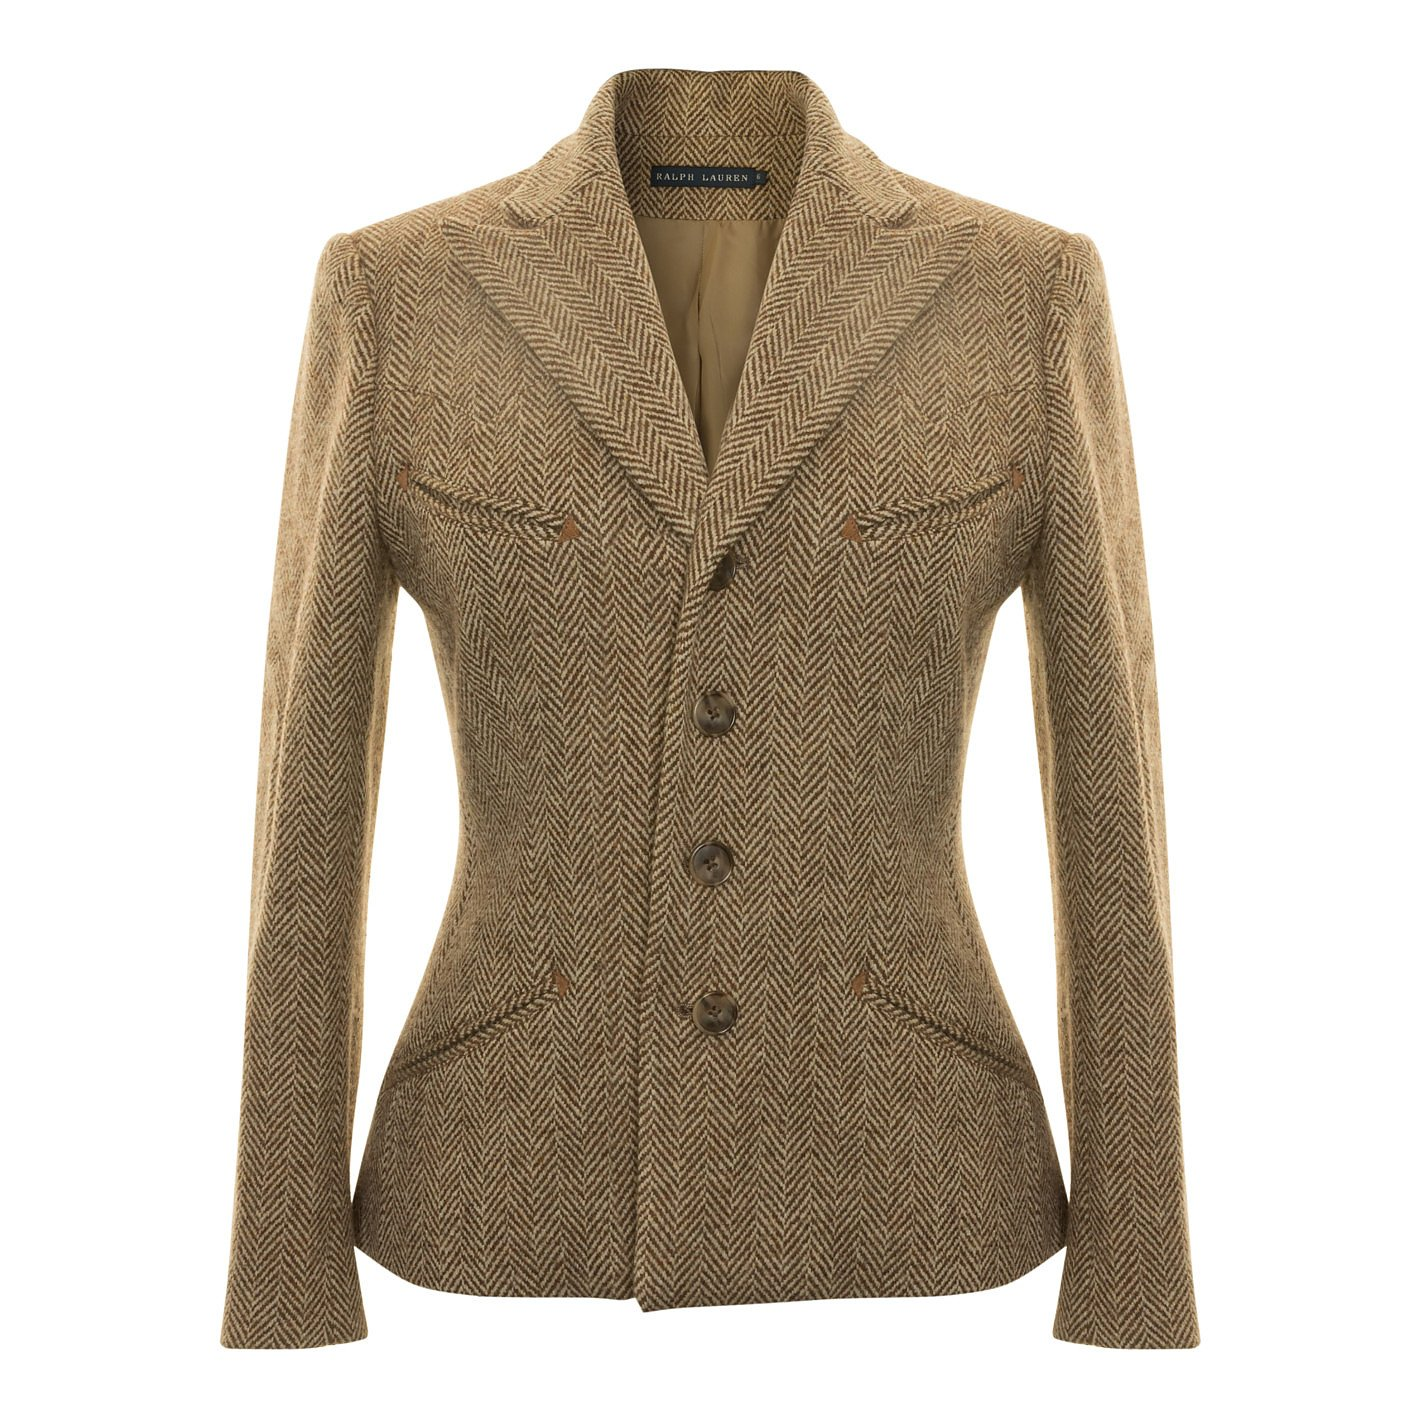 Ralph Lauren Tweed Jacket